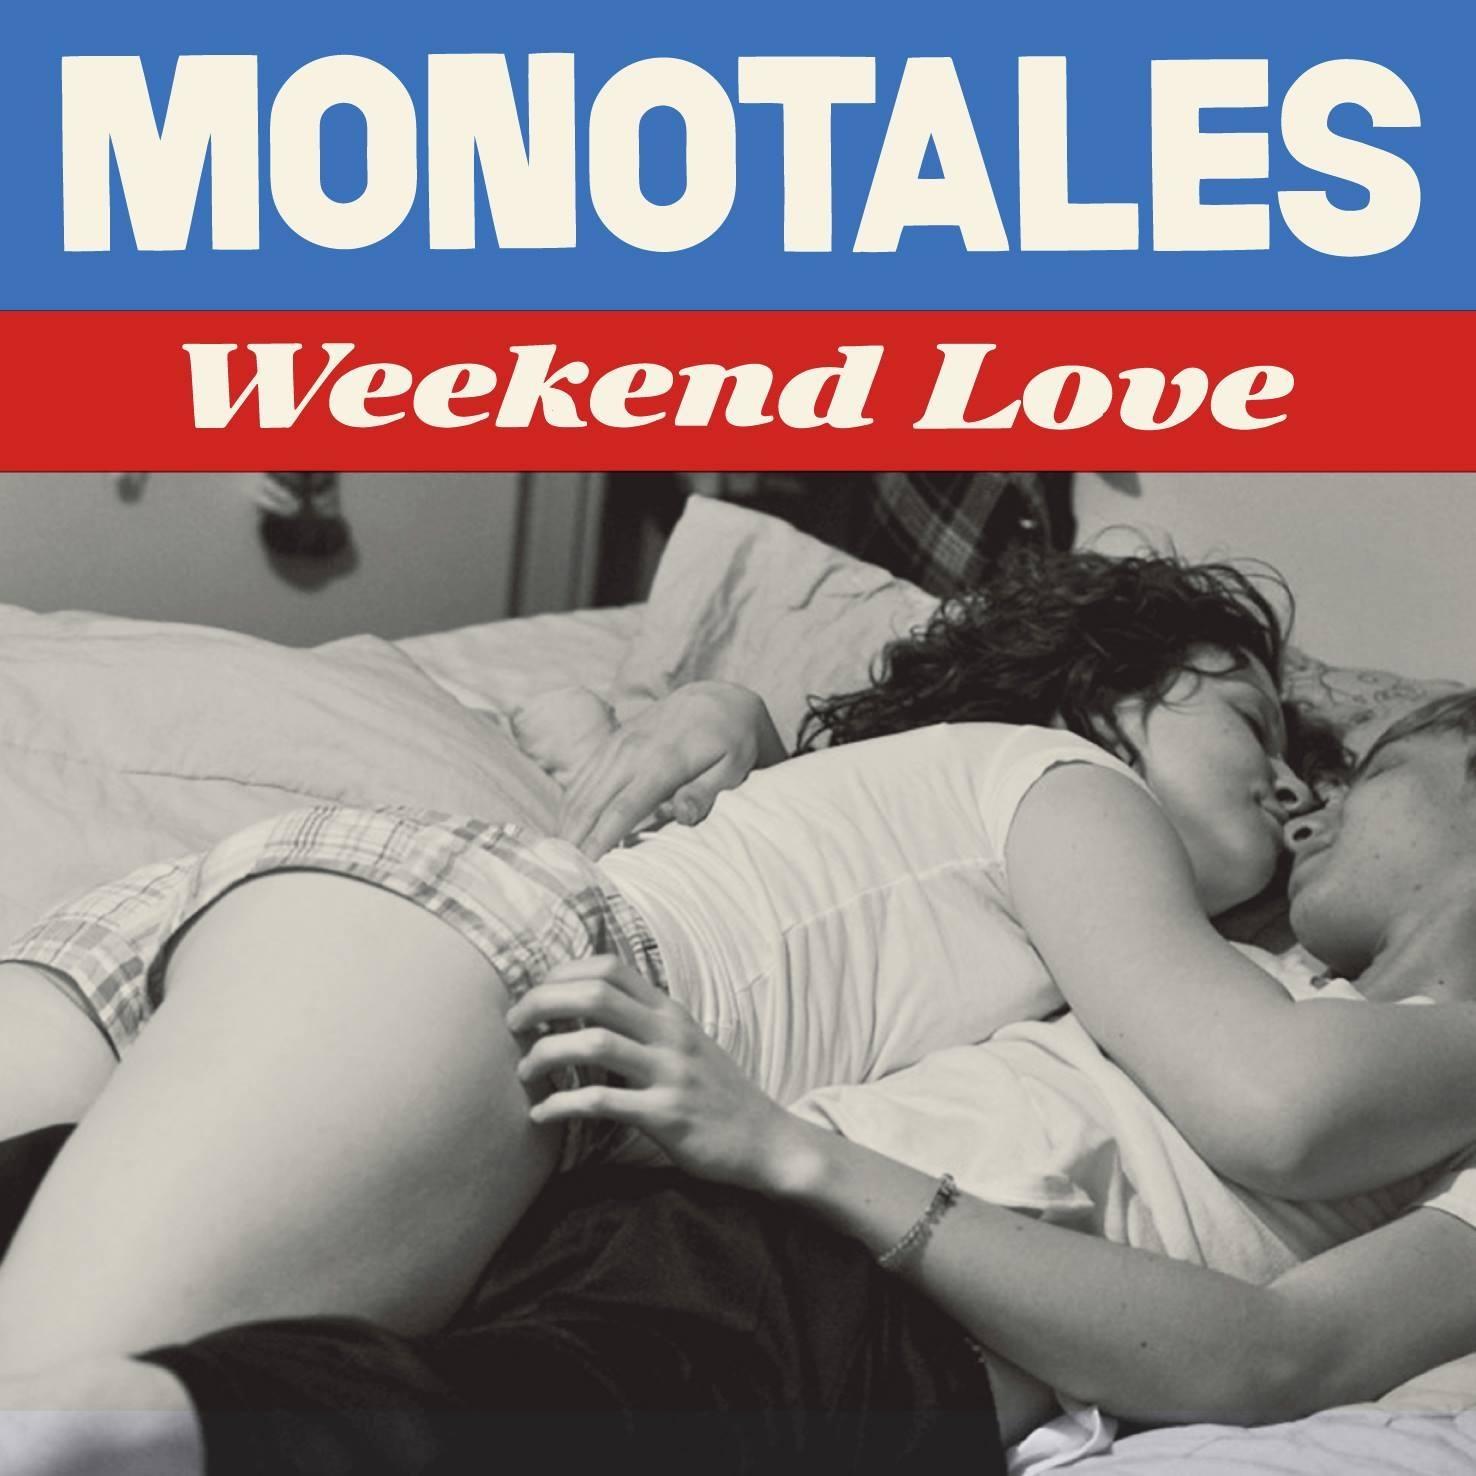 monotales-weekend-love-2016.jpg